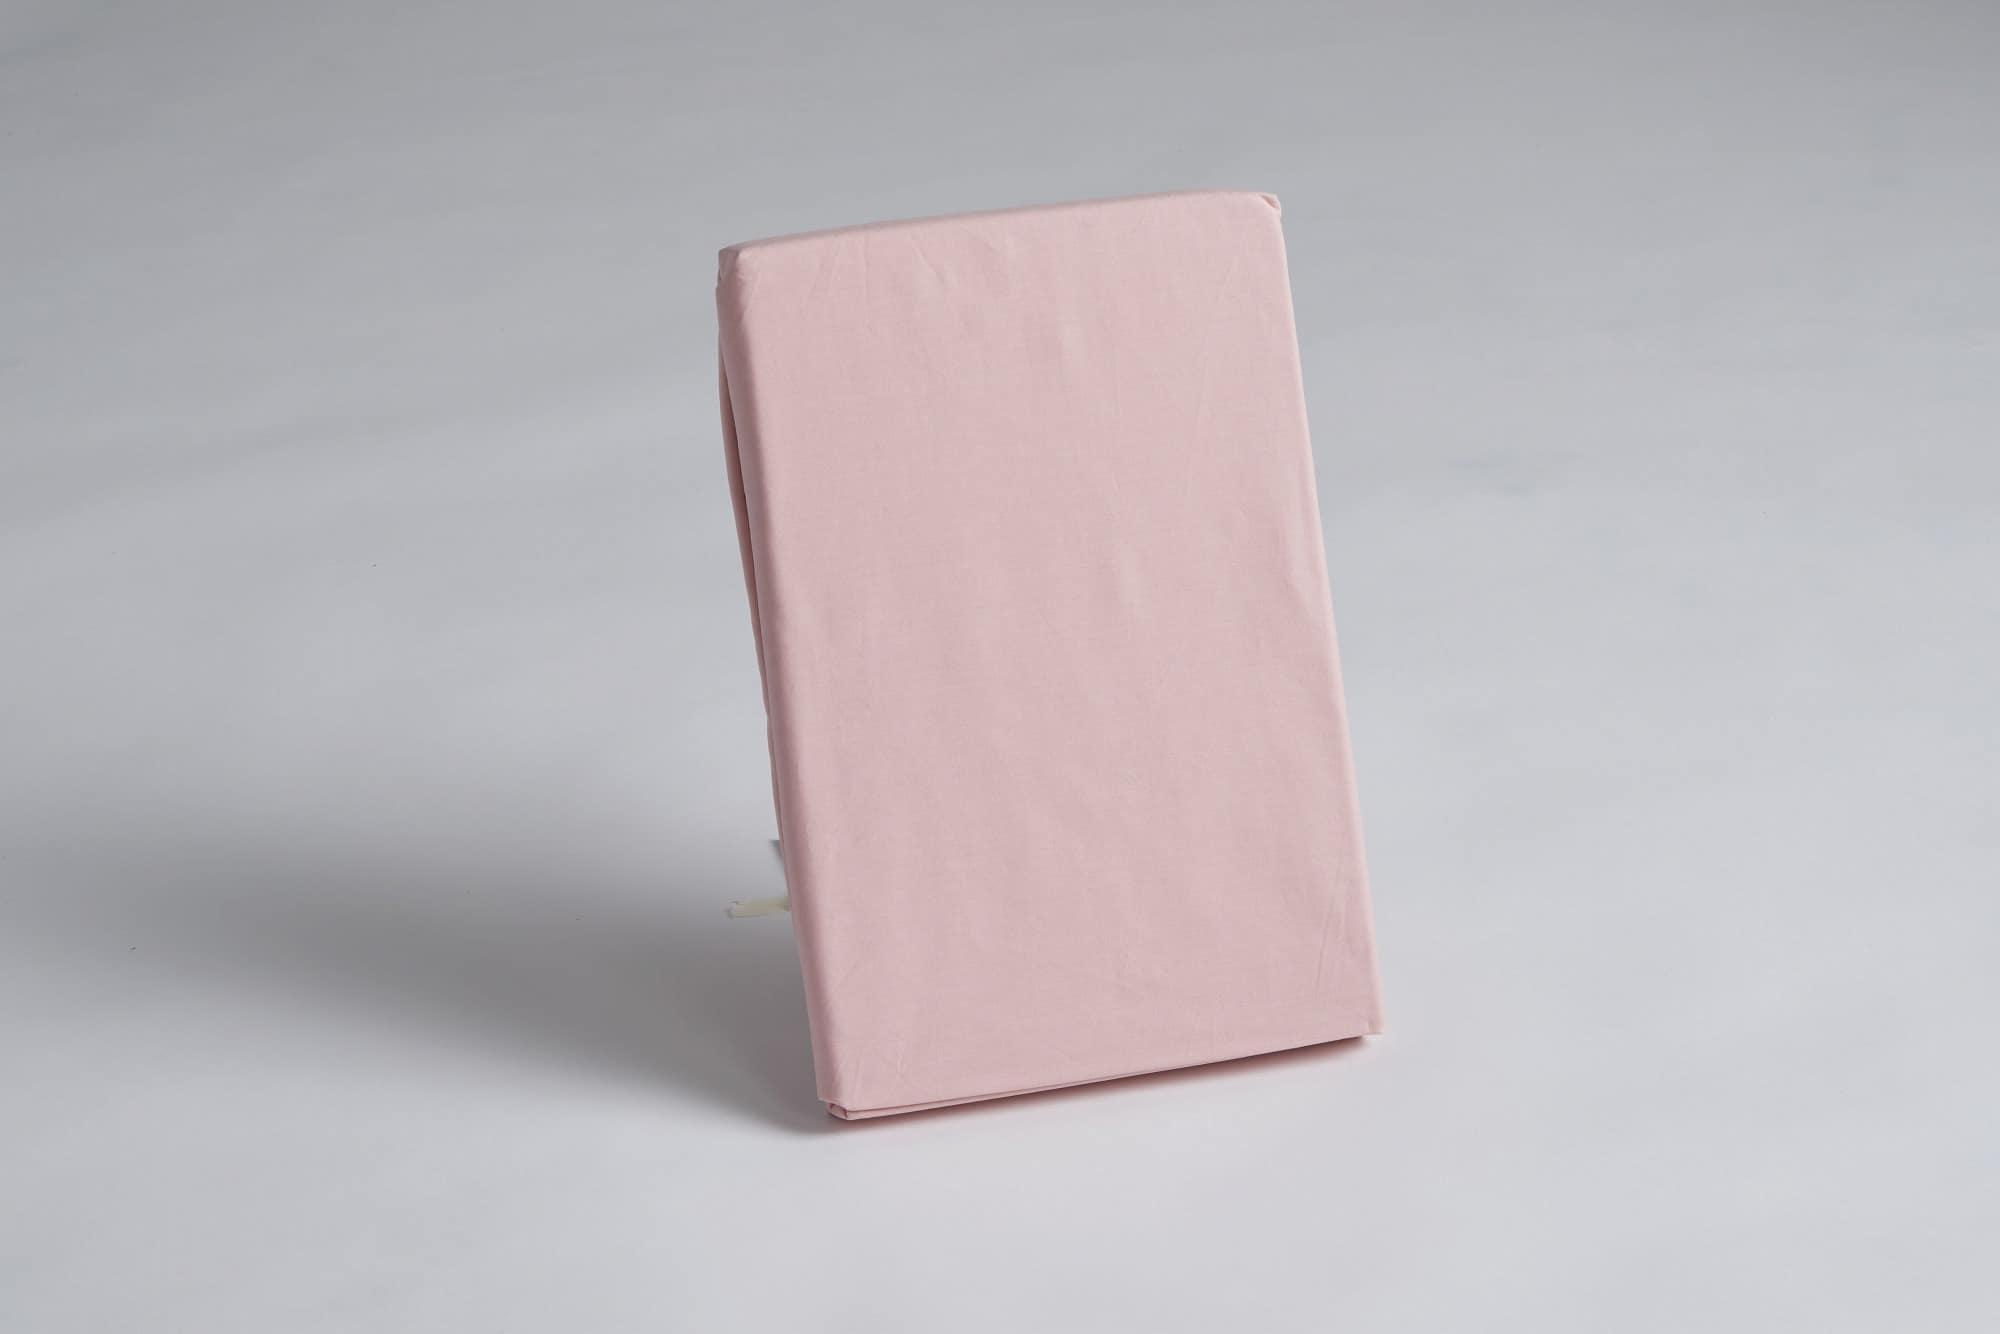 ボックスシーツ シングル用 45H ピンク